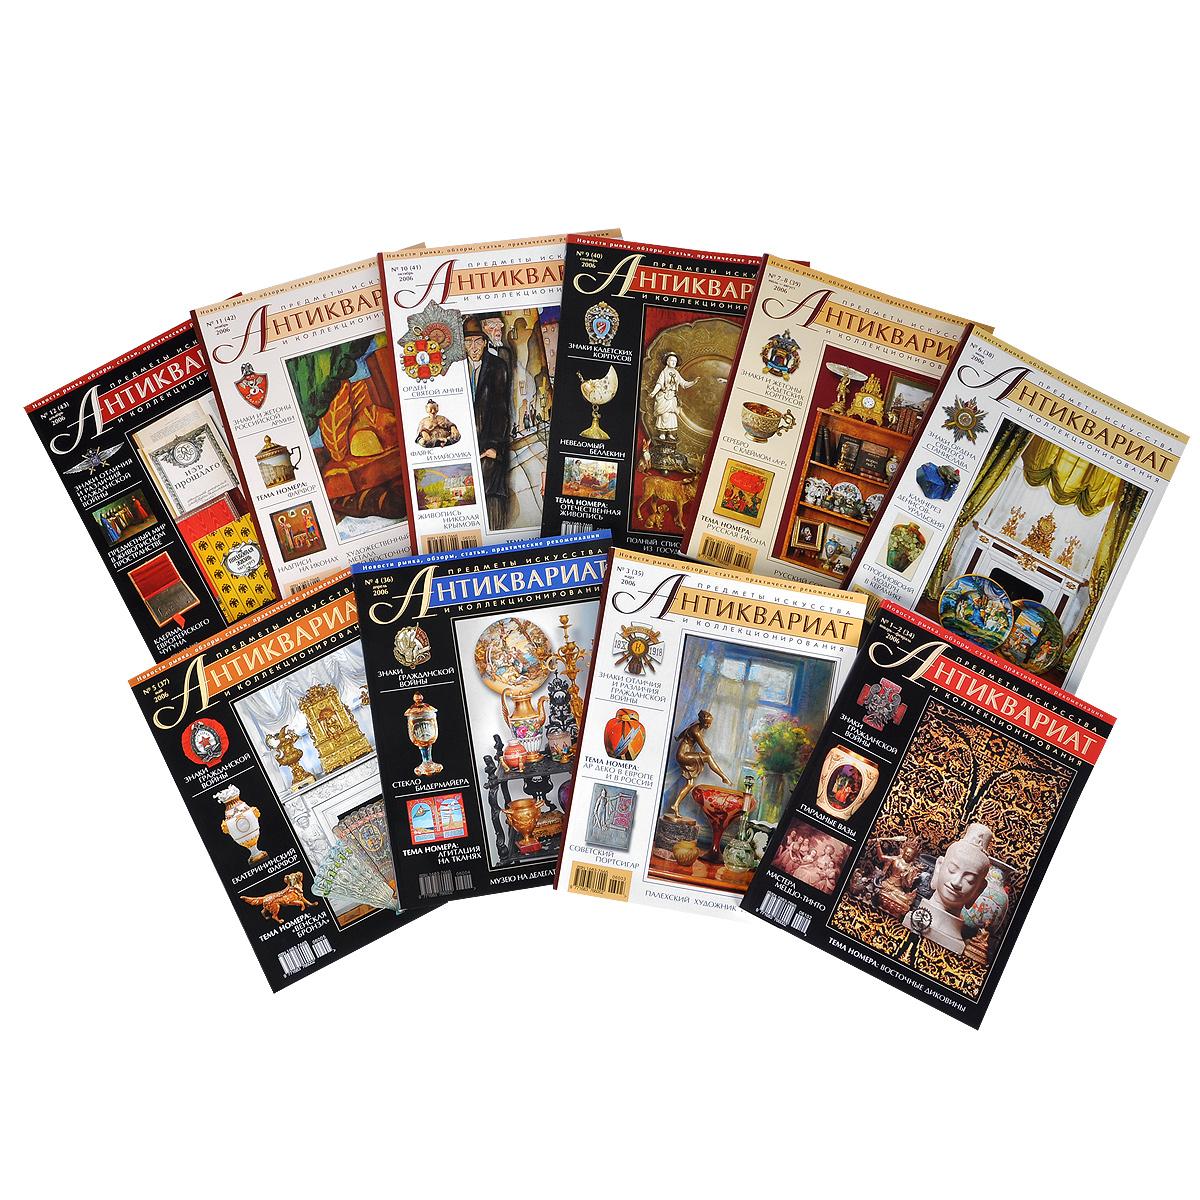 Антиквариат, предметы искусства и коллекционирования, №1-12, 2006 (годовой комплект)